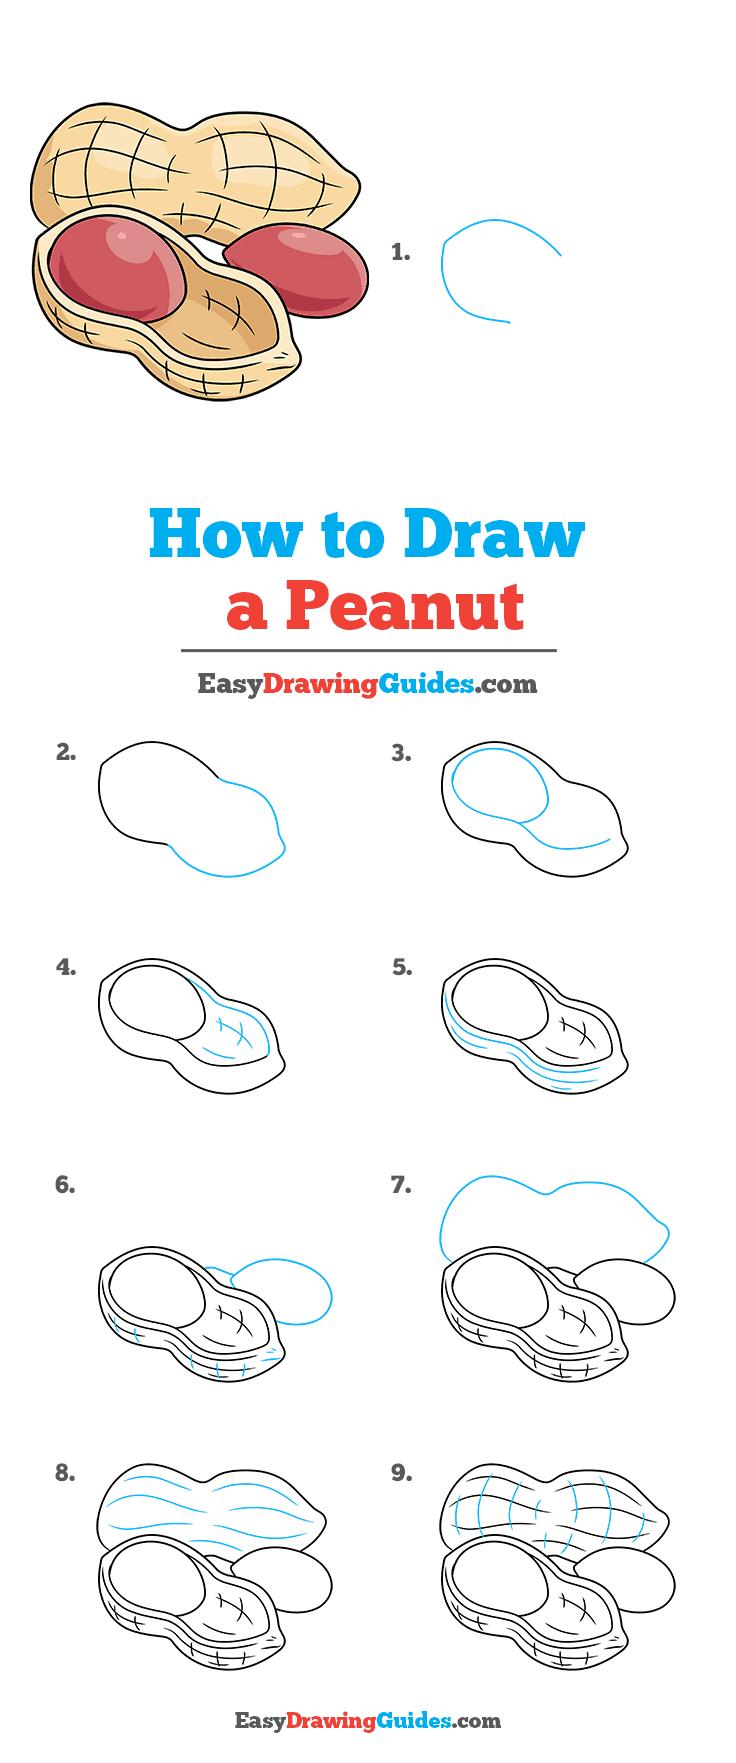 How to Draw Peanut